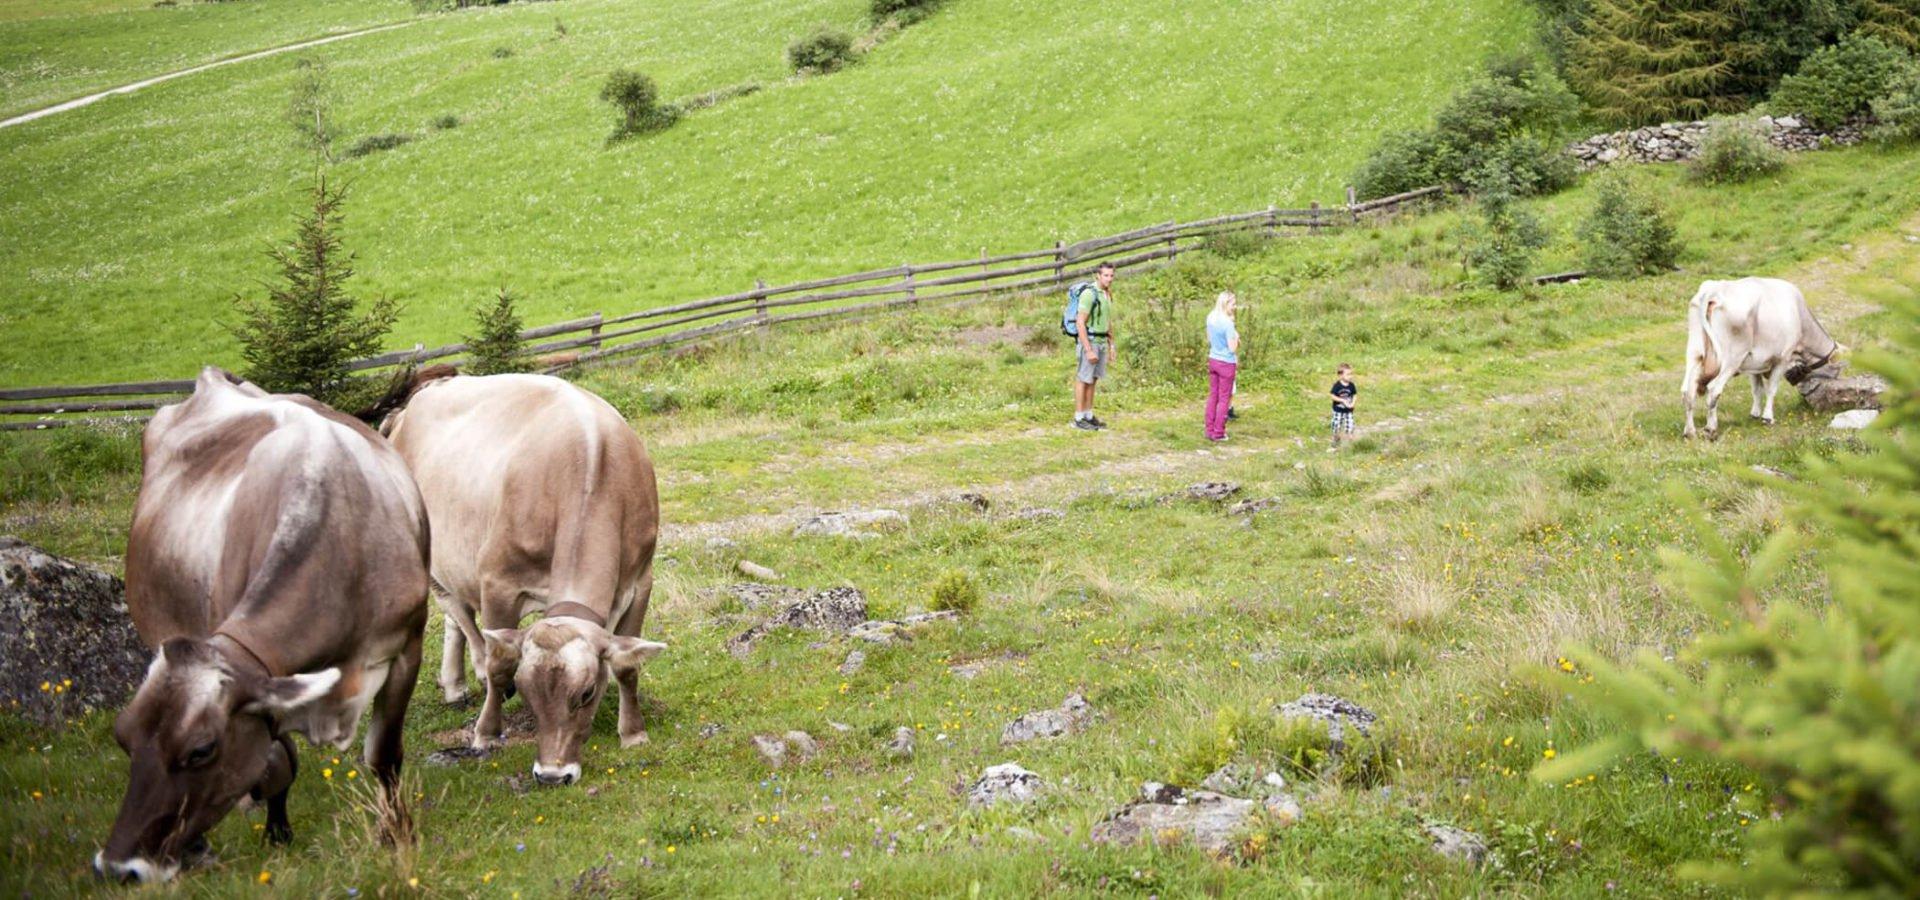 Familienurlaub-auf-dem-Bauernhof